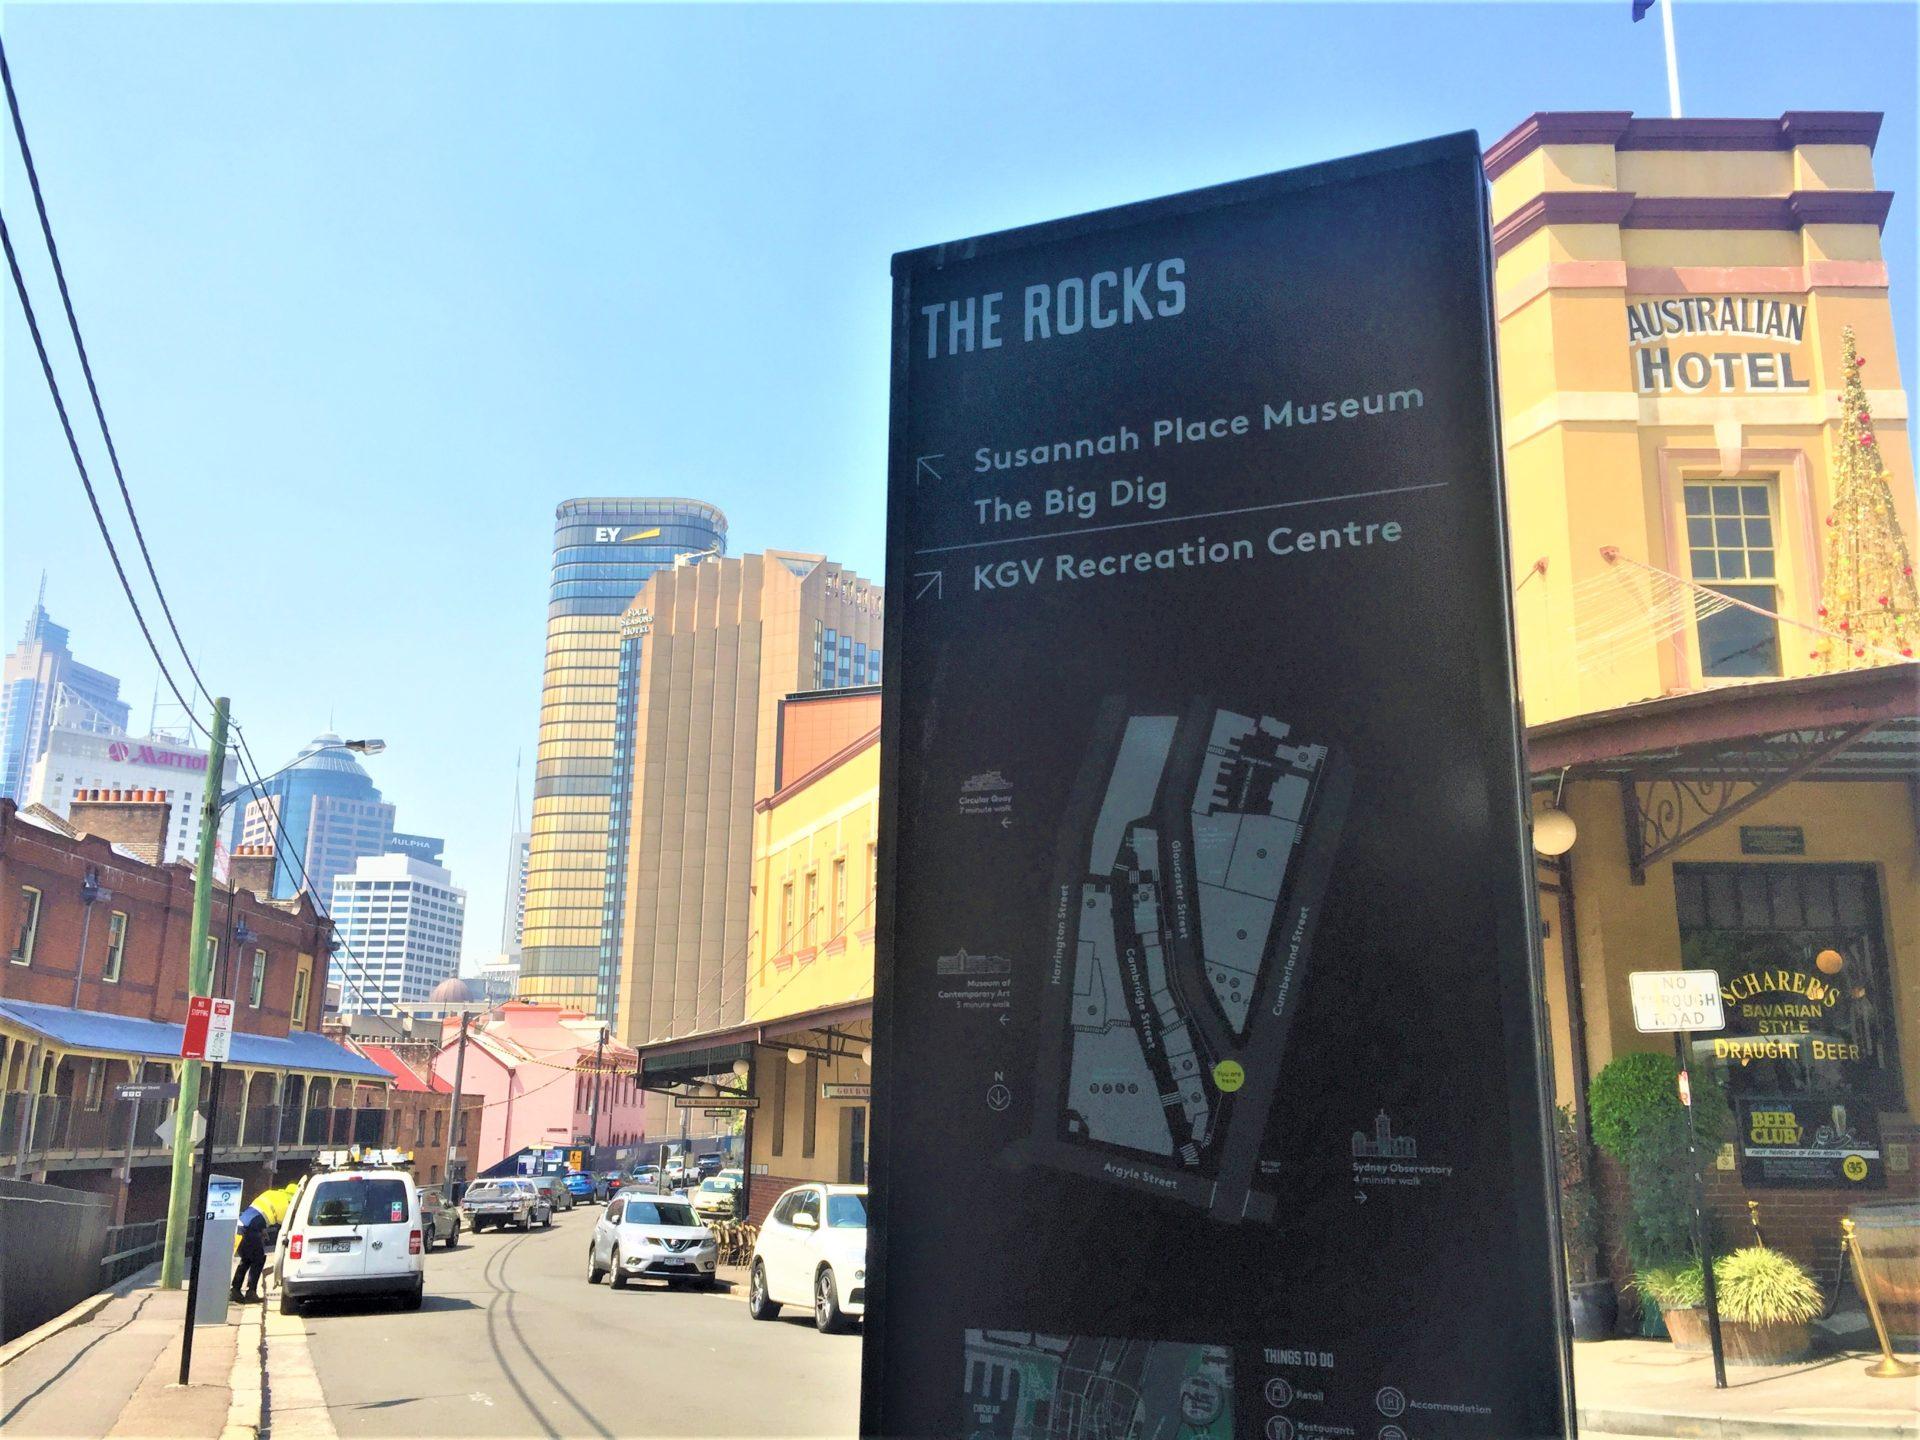 【博物之島新訊】從博物館出走吧!來趟雪梨岩石區徒步之旅